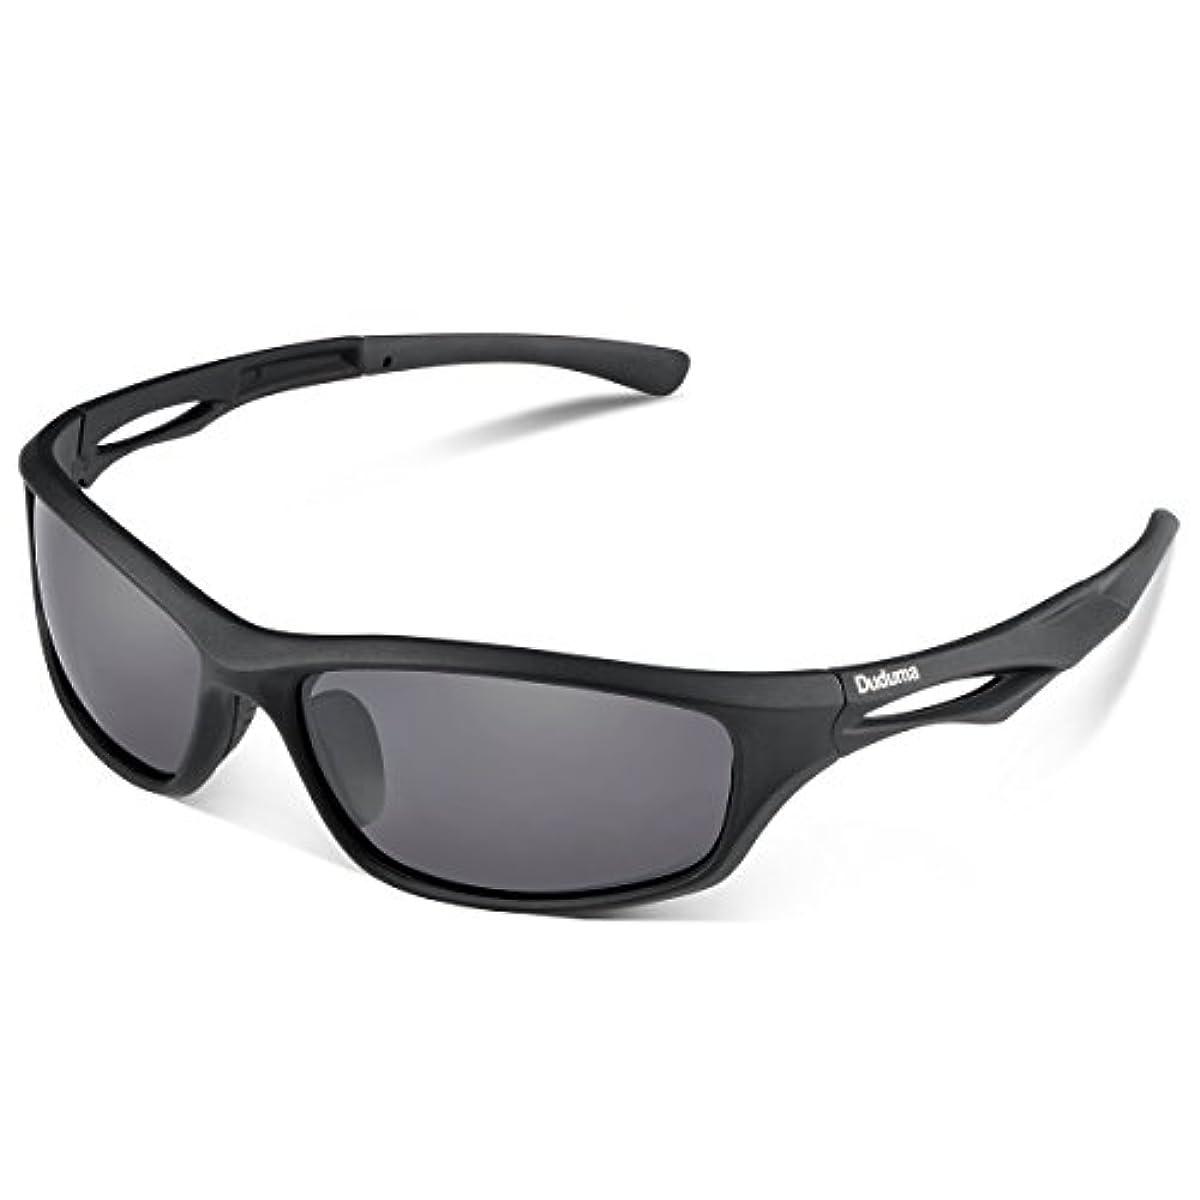 [해외] DUDUMA 편광 렌즈 맨즈 스포츠 썬글라스 초경량 UV400 자외선을 컷 스포츠 썬글라스/ 자전거/낚시/야구/테니스/골프/스키/런닝/드라이기이브 TR90